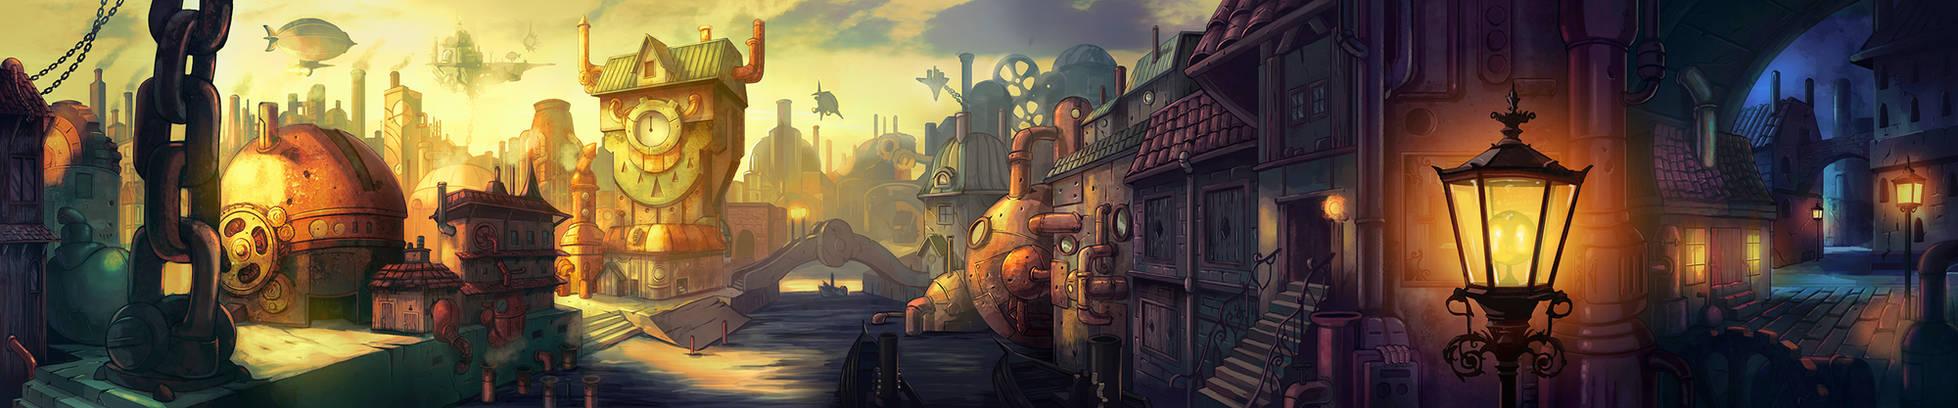 Super Dungeon Explore BG 07